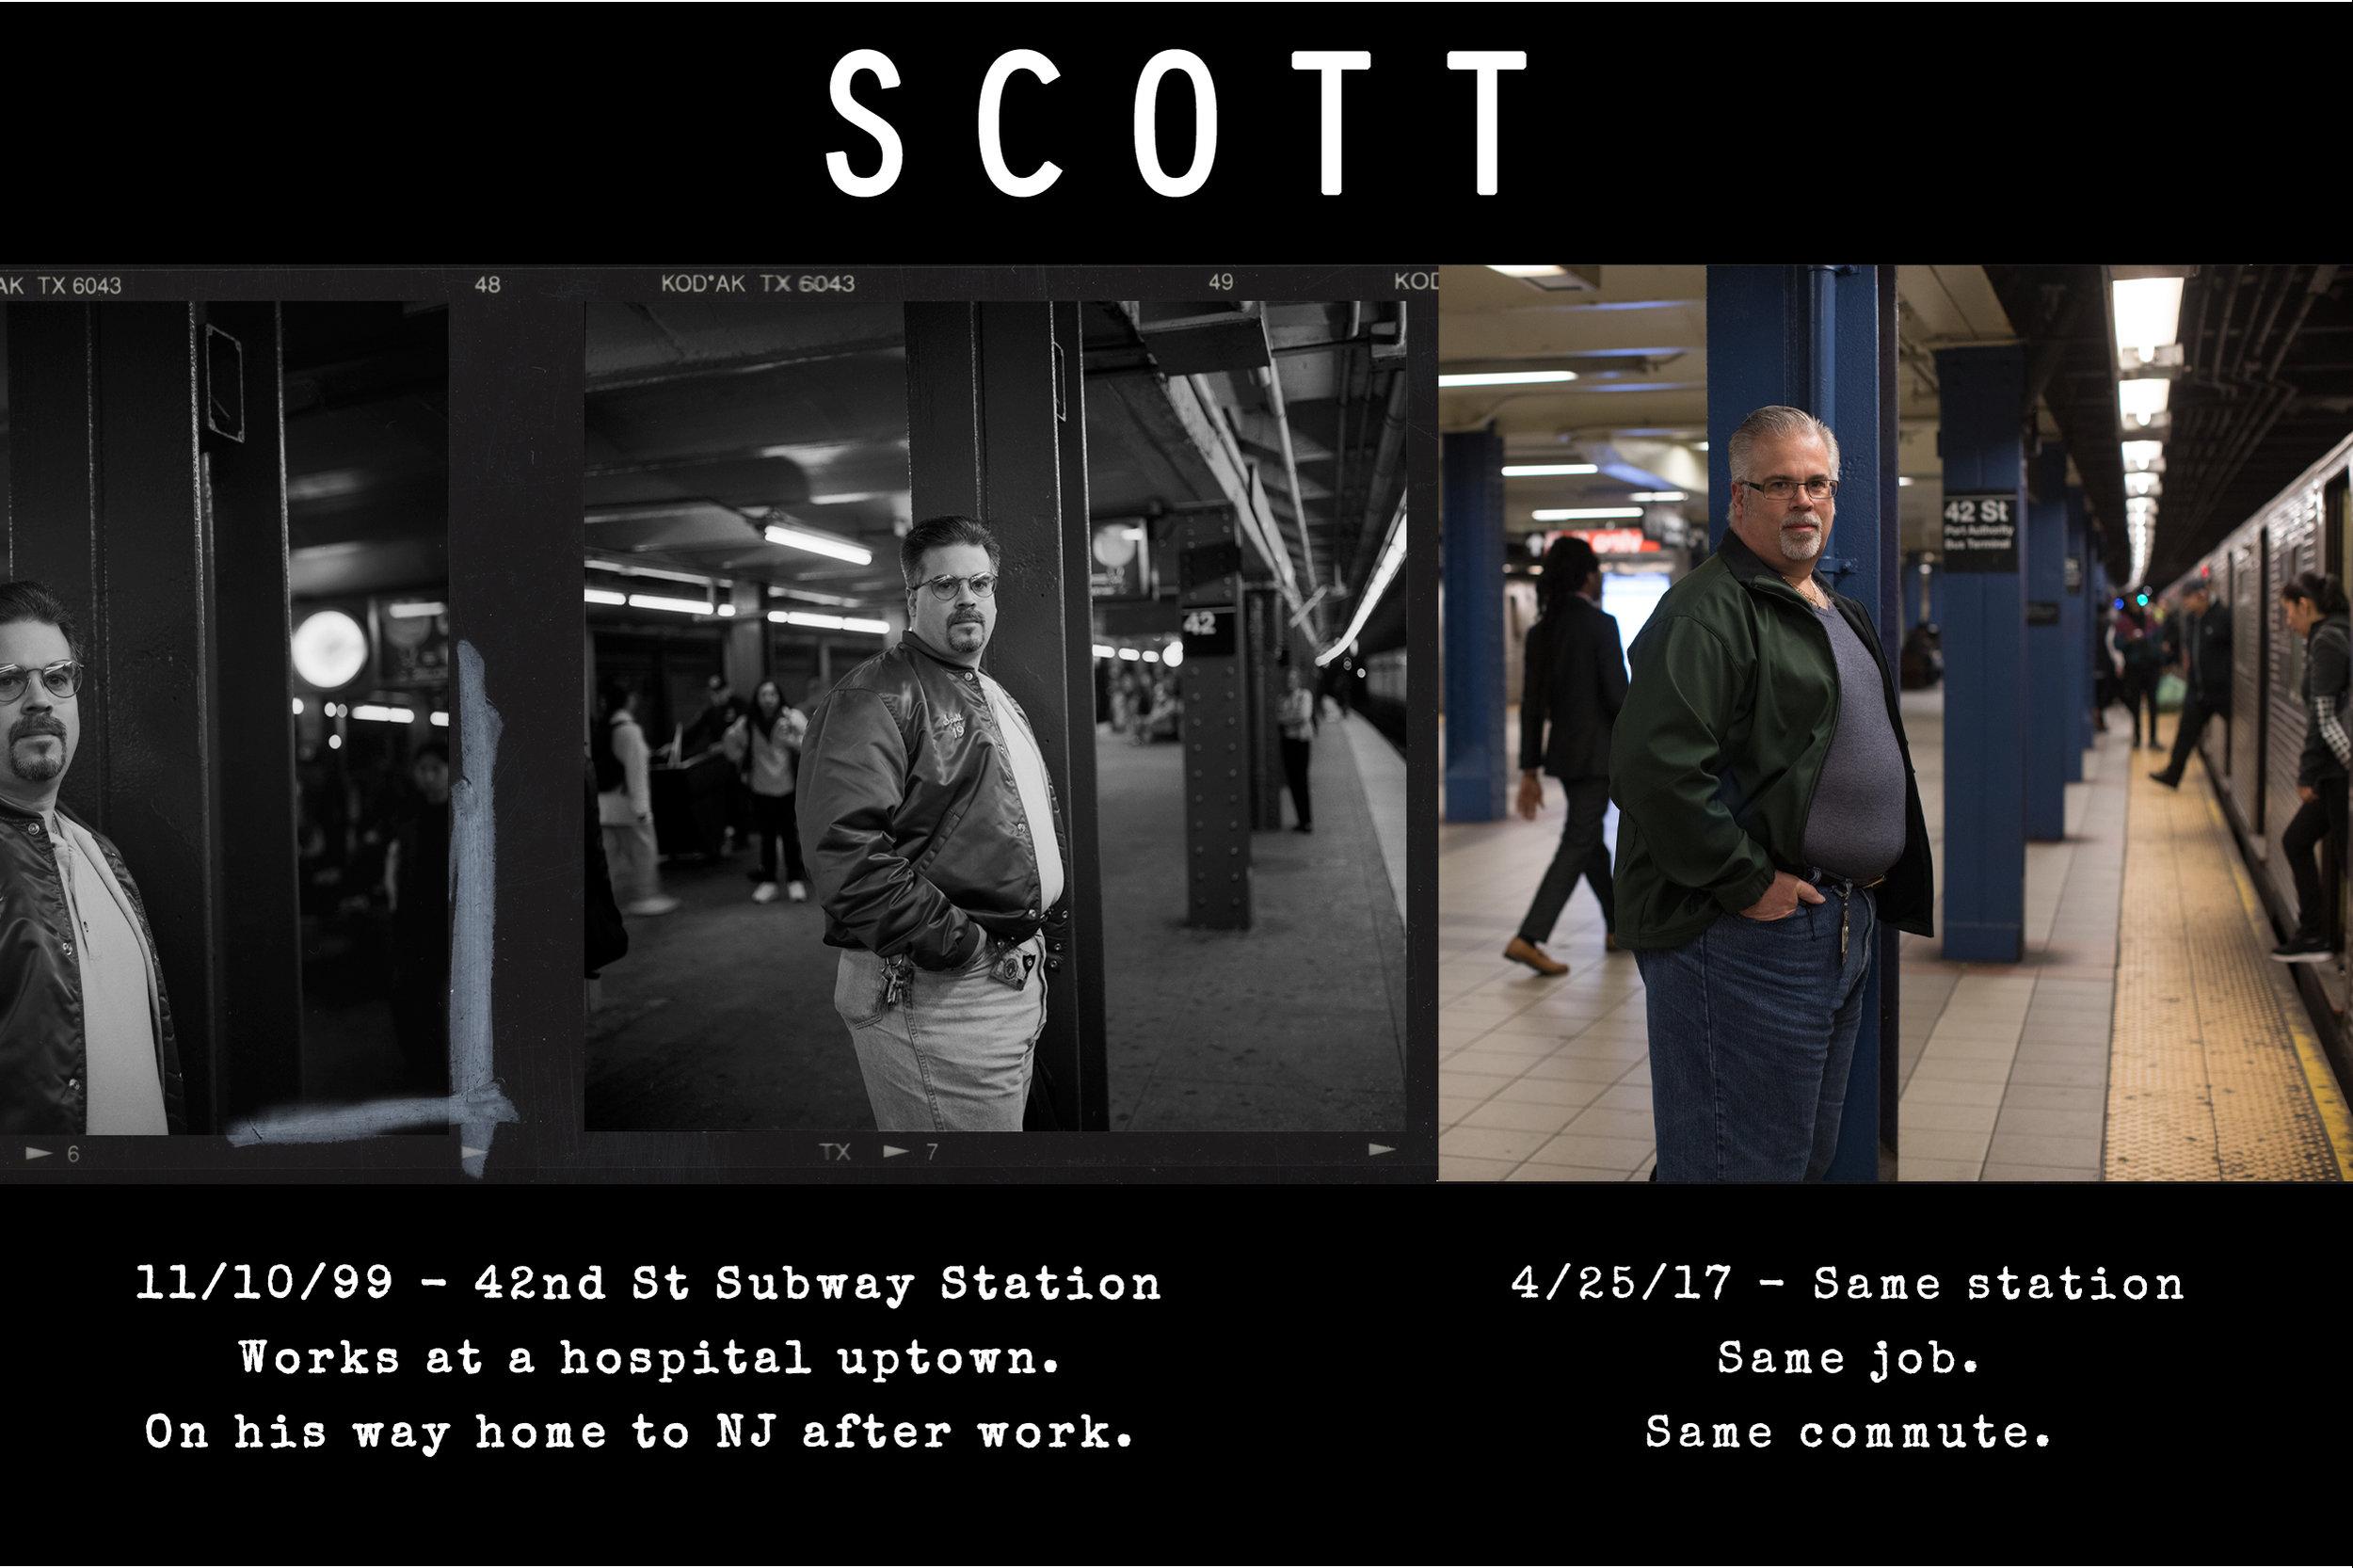 Scott-S.jpg